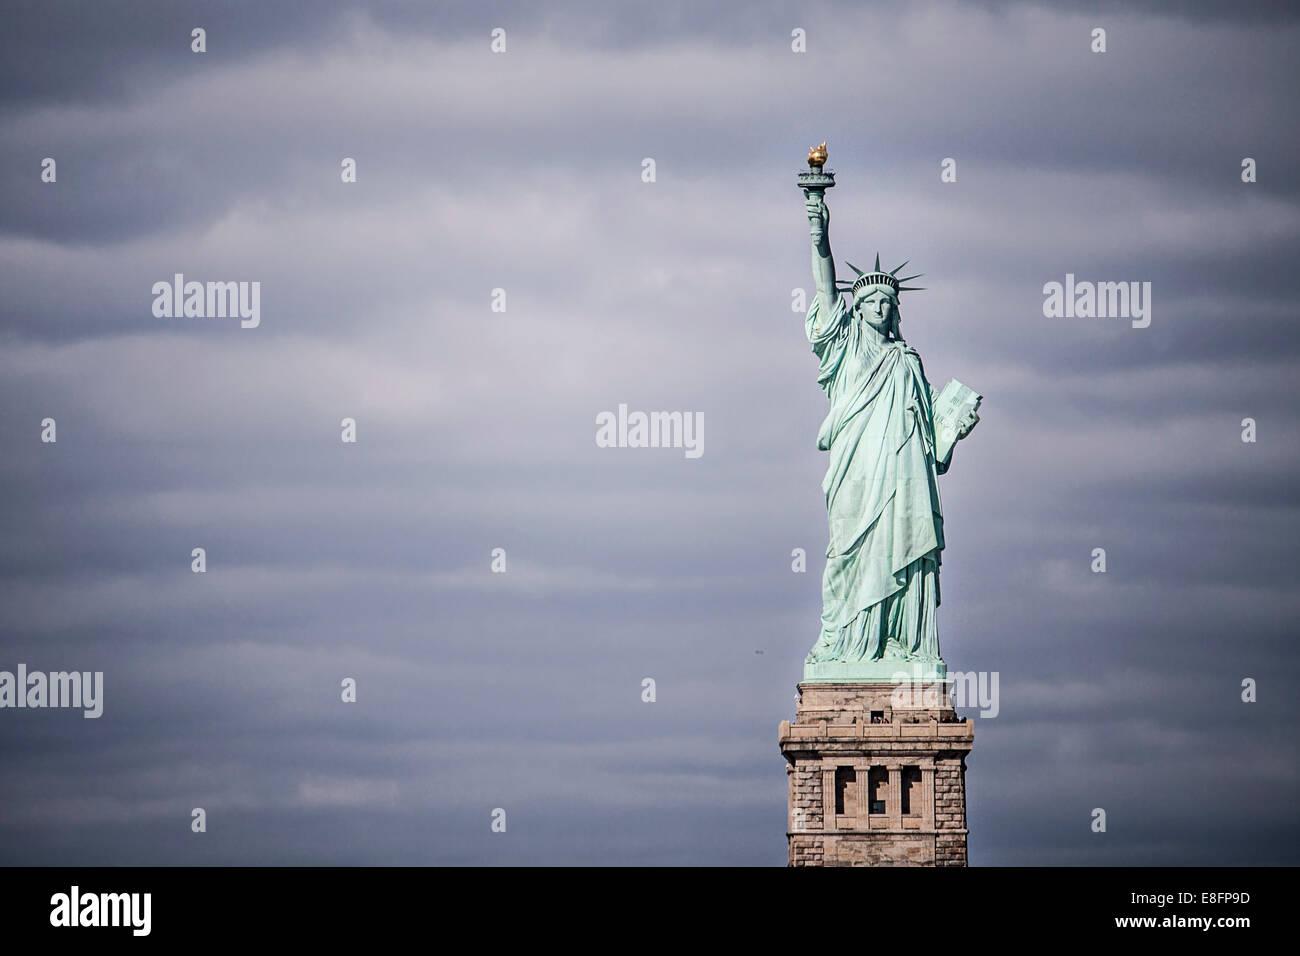 Statua della Libertà di New York, America, STATI UNITI D'AMERICA Immagini Stock